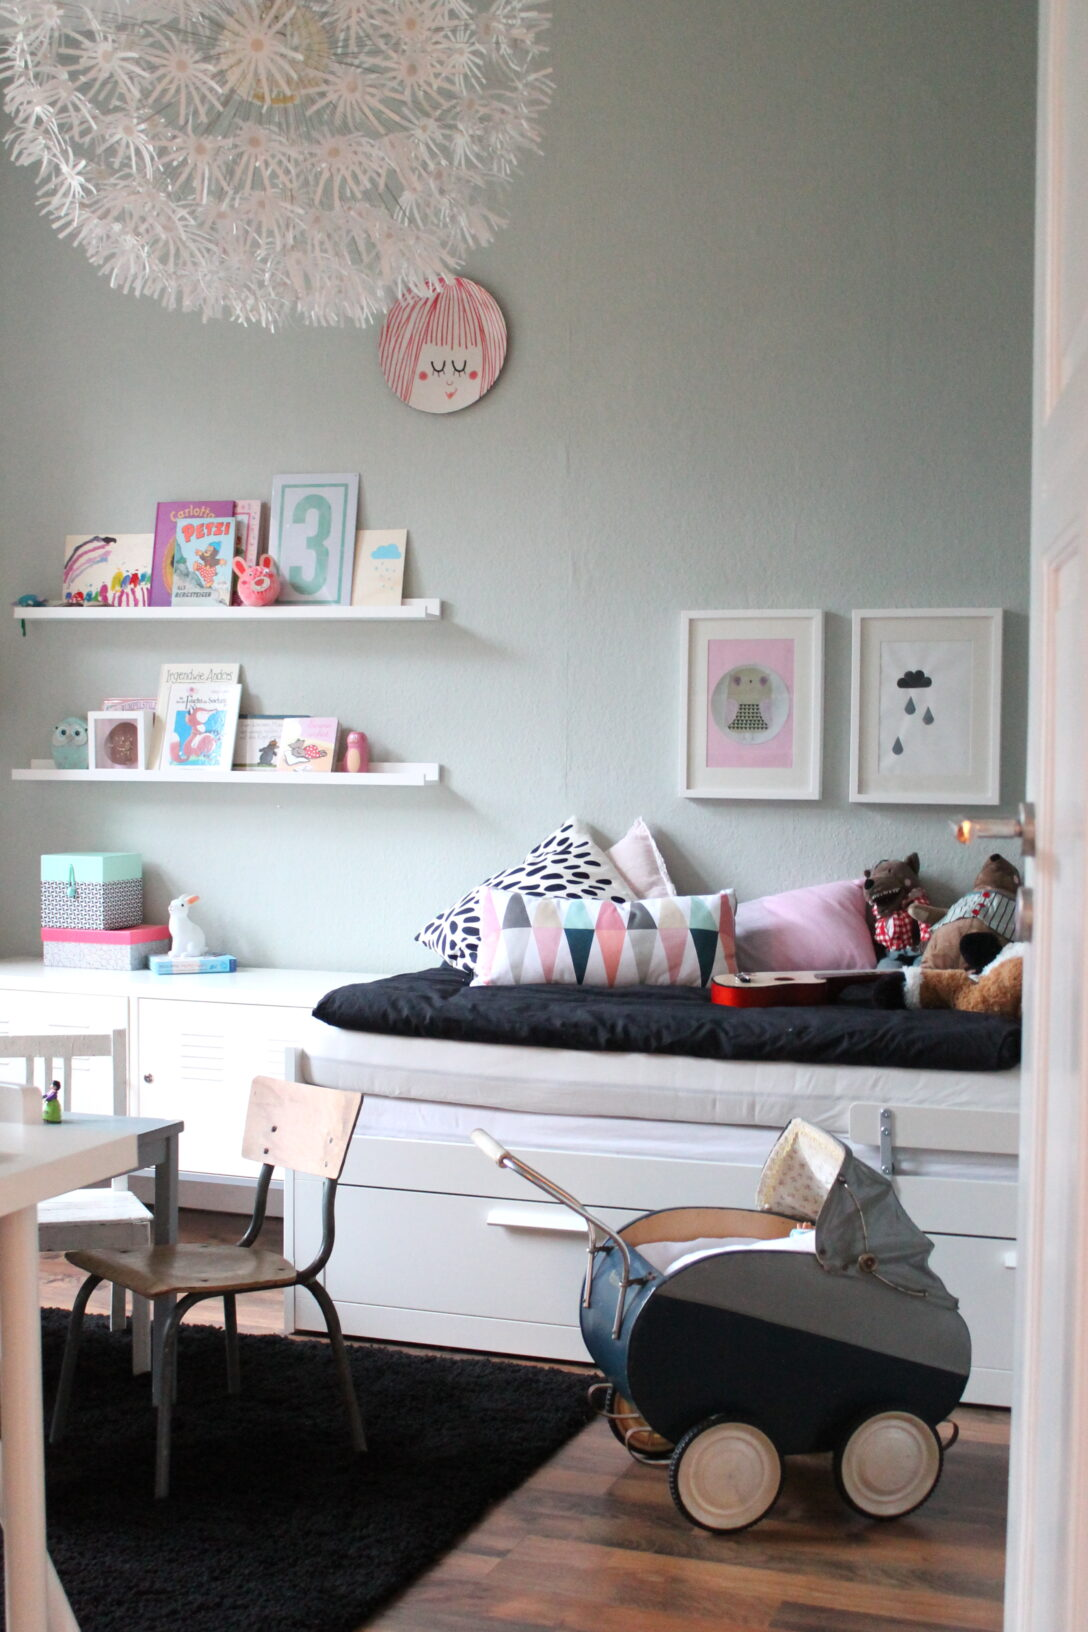 Large Size of Schnsten Ideen Fr Dein Kinderzimmer Sofa Regal Weiß Regale Kinderzimmer Einrichtung Kinderzimmer